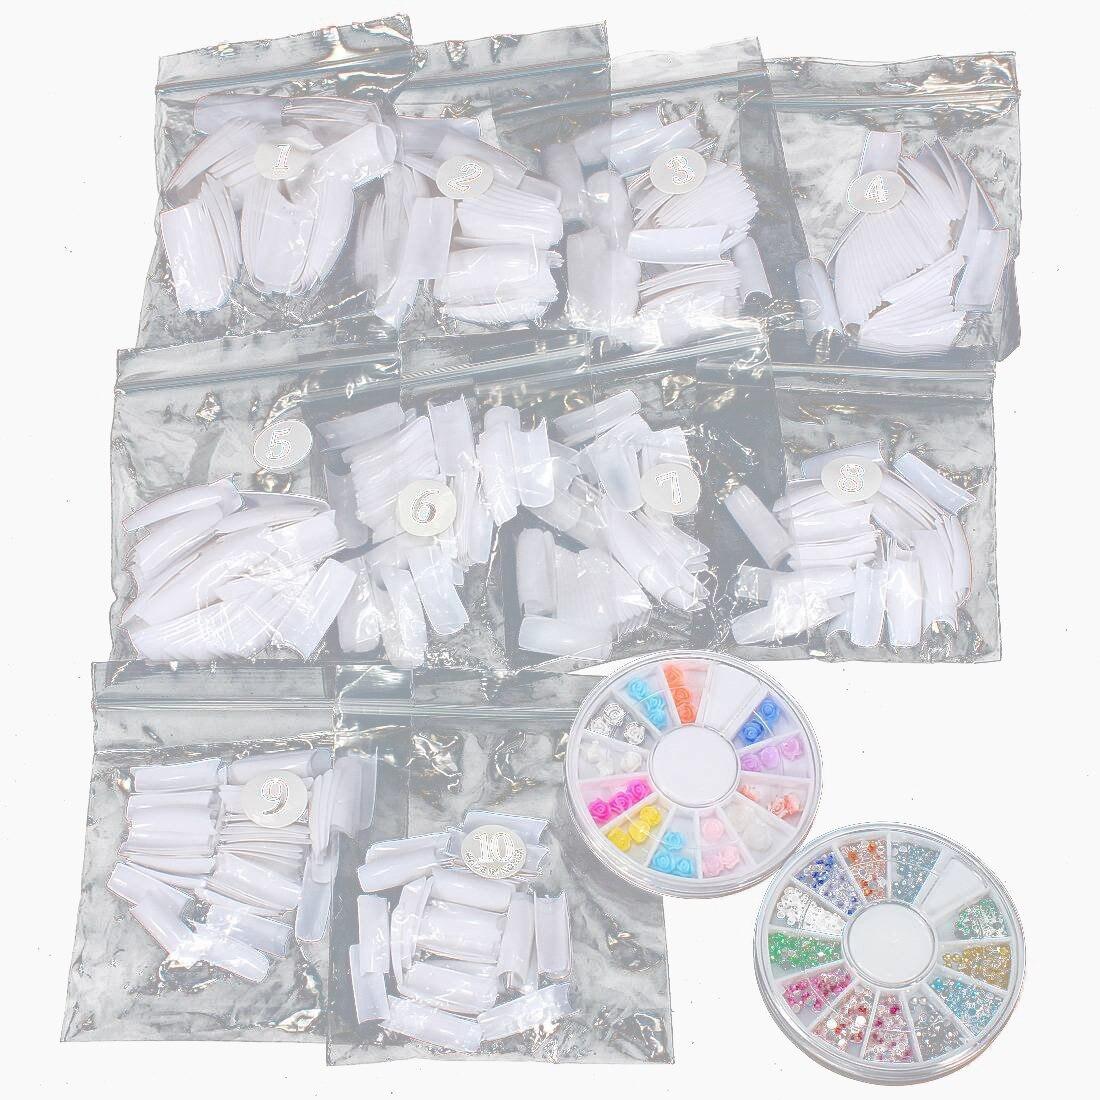 5PACK (kits da arte Do Prego Cuidado Do Prego Prego Ferramentas de Design de Unhas de Acrílico Em Pó Escova Glitter Dica - 2